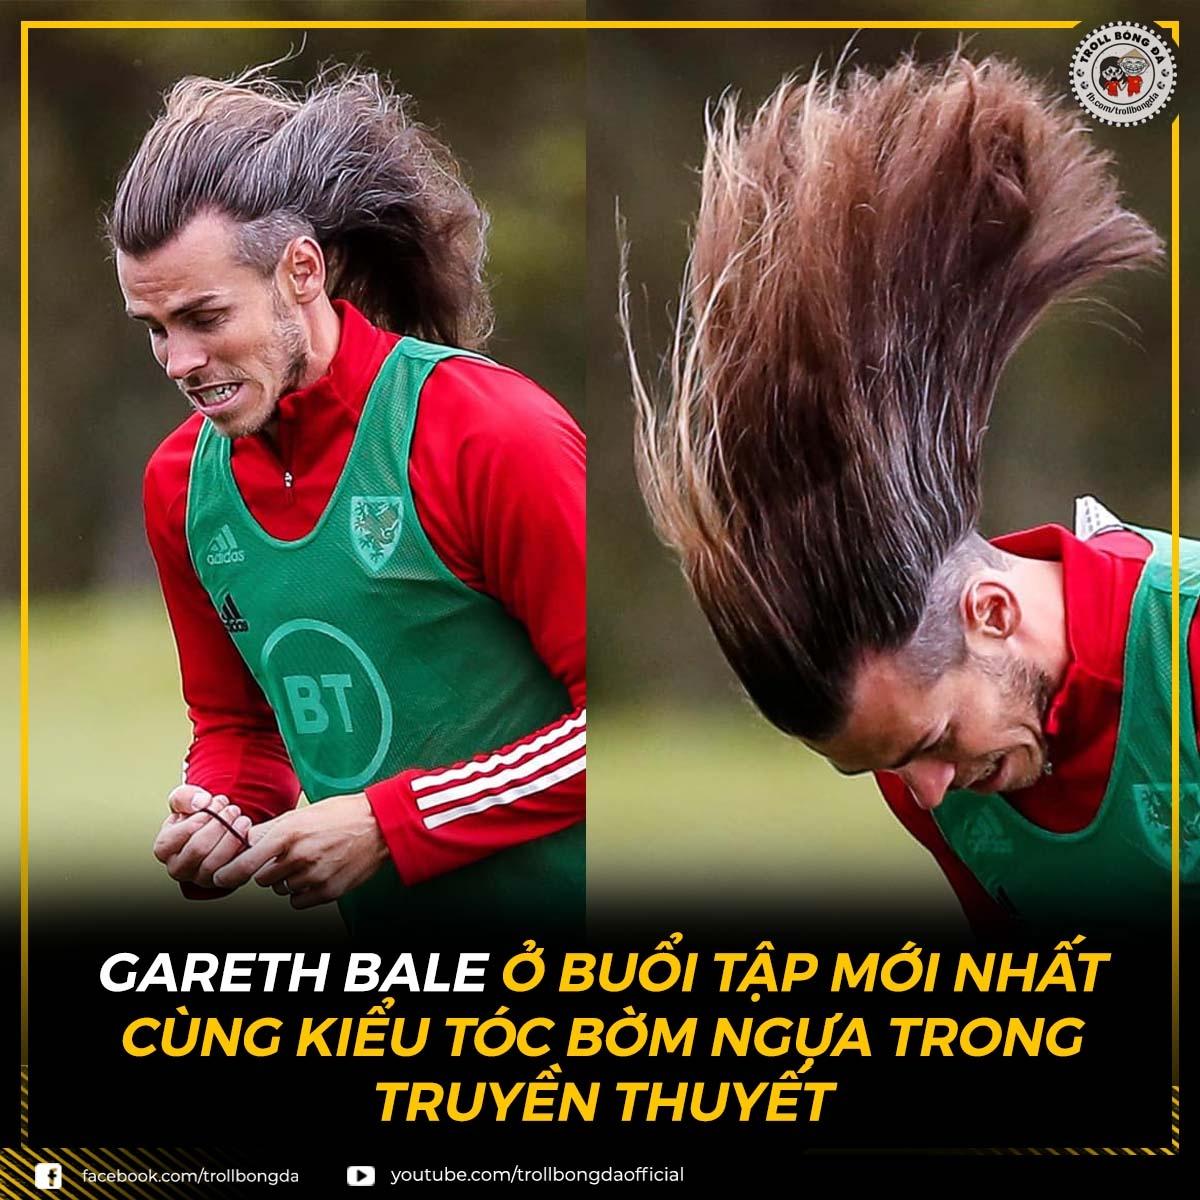 Mái tóc của Gareth Bale. (Ảnh: Troll Bóng Đá)